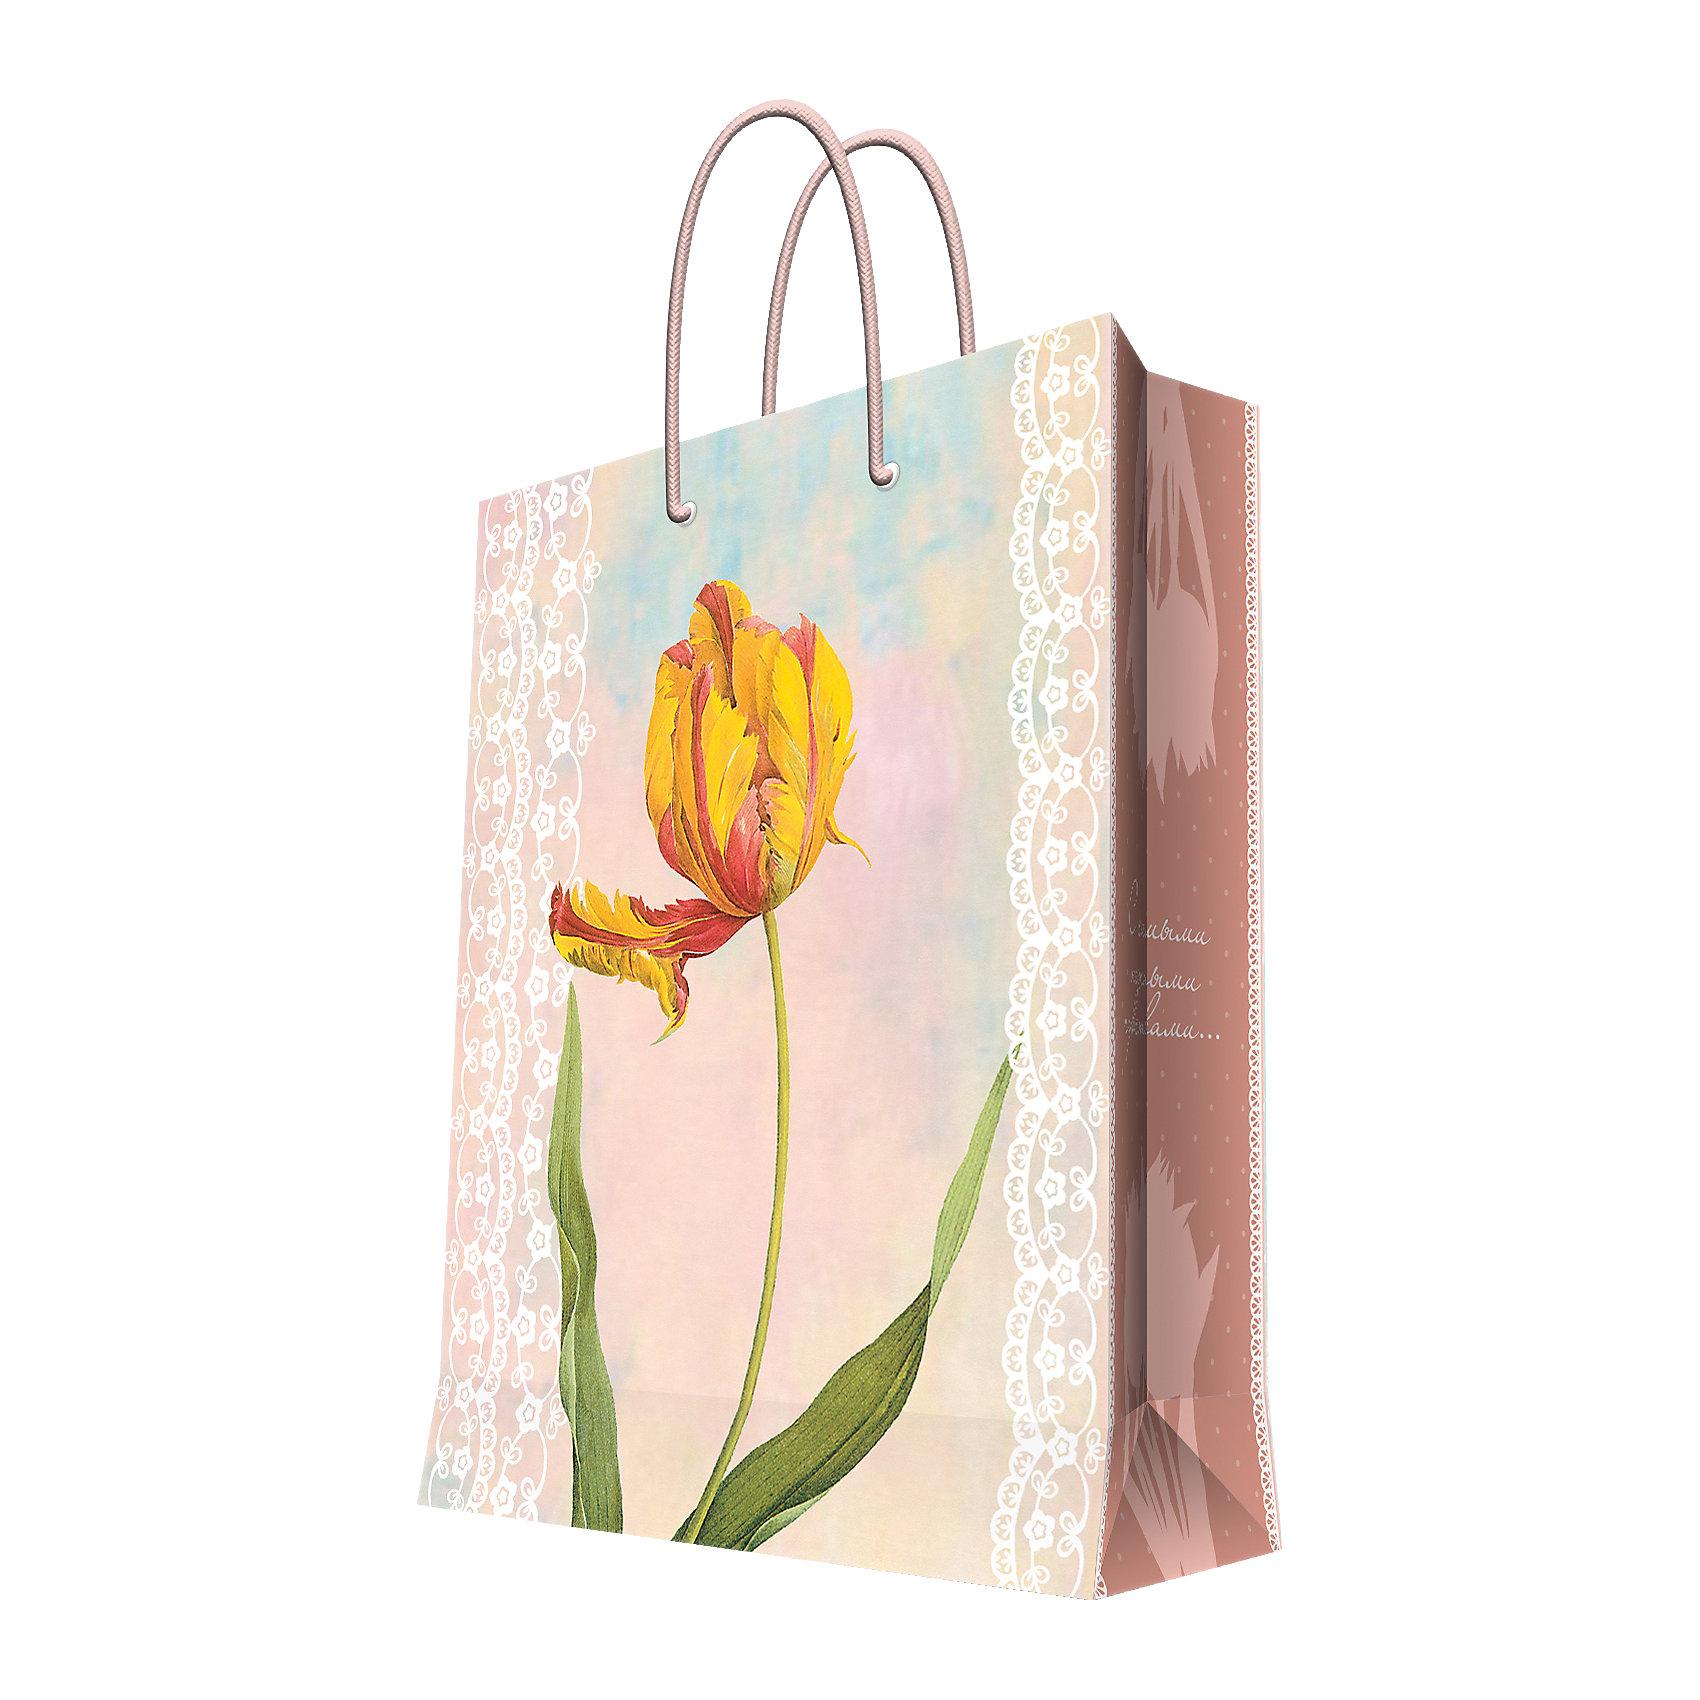 Подарочный пакет Тюльпан 26*32,4*12,7 смКрасиво упакованный подарок приятно получать вдвойне! Прочный красивый бумажный пакет станет прекрасным дополнением к подарку.<br><br>Дополнительная информация:<br><br>- Материал: бумага (плотность бумаги 140 г/м2).<br>- Размер: 26х32,4х12,7 cм.<br>- Ширина основания: 26 см.<br>- Эффект: ламинация.<br><br>Подарочный пакет Тюльпан 26х32,4х12,7 см, можно купить в нашем магазине.<br><br>Ширина мм: 260<br>Глубина мм: 324<br>Высота мм: 127<br>Вес г: 100<br>Возраст от месяцев: 36<br>Возраст до месяцев: 2147483647<br>Пол: Женский<br>Возраст: Детский<br>SKU: 4548396